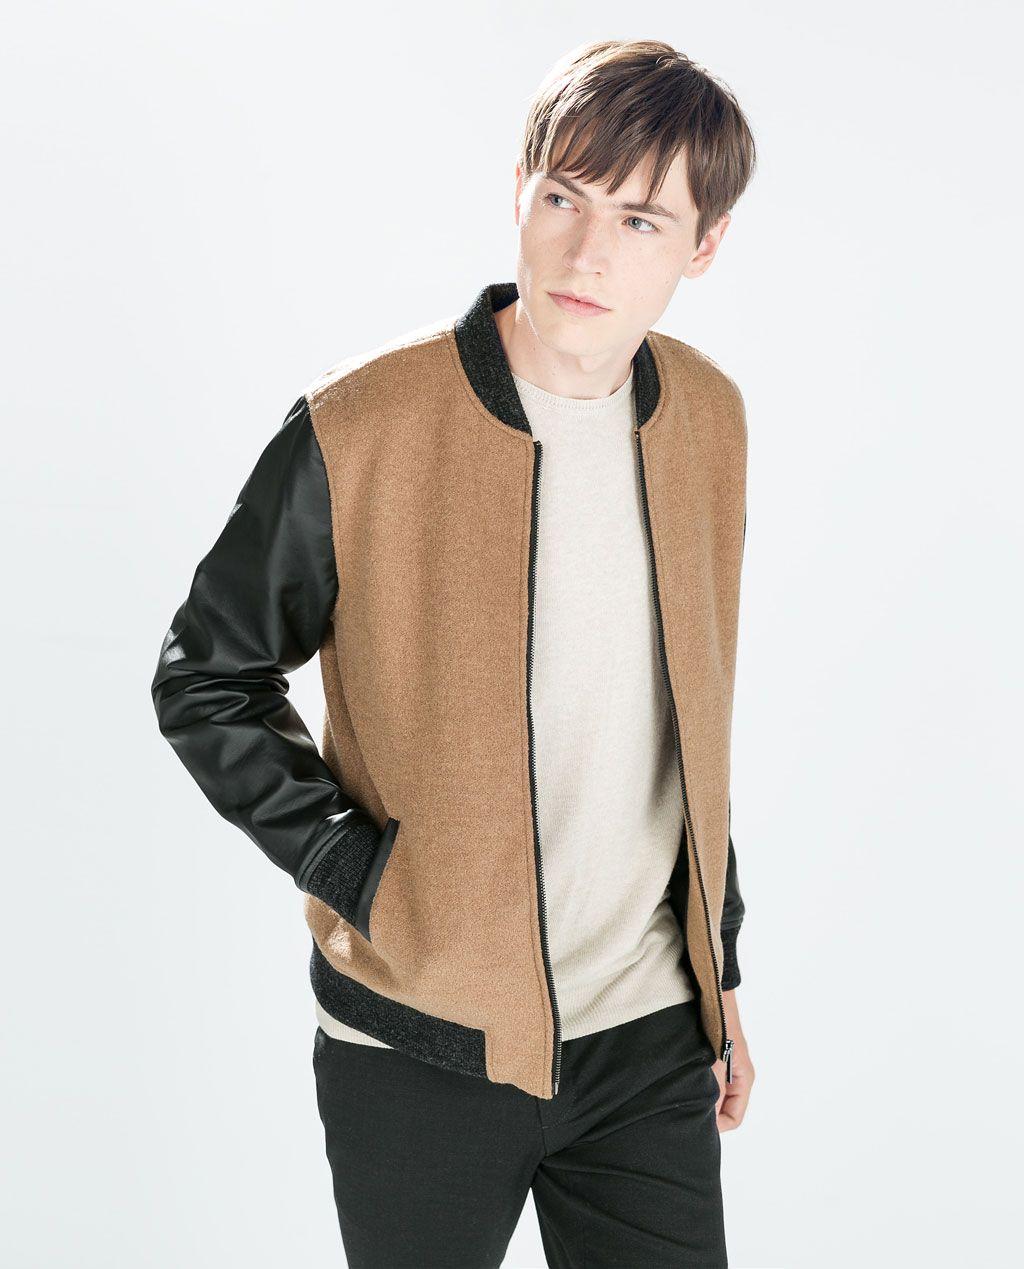 ZARA LOOKBOOK Bomber jacket, Zara, Jackets